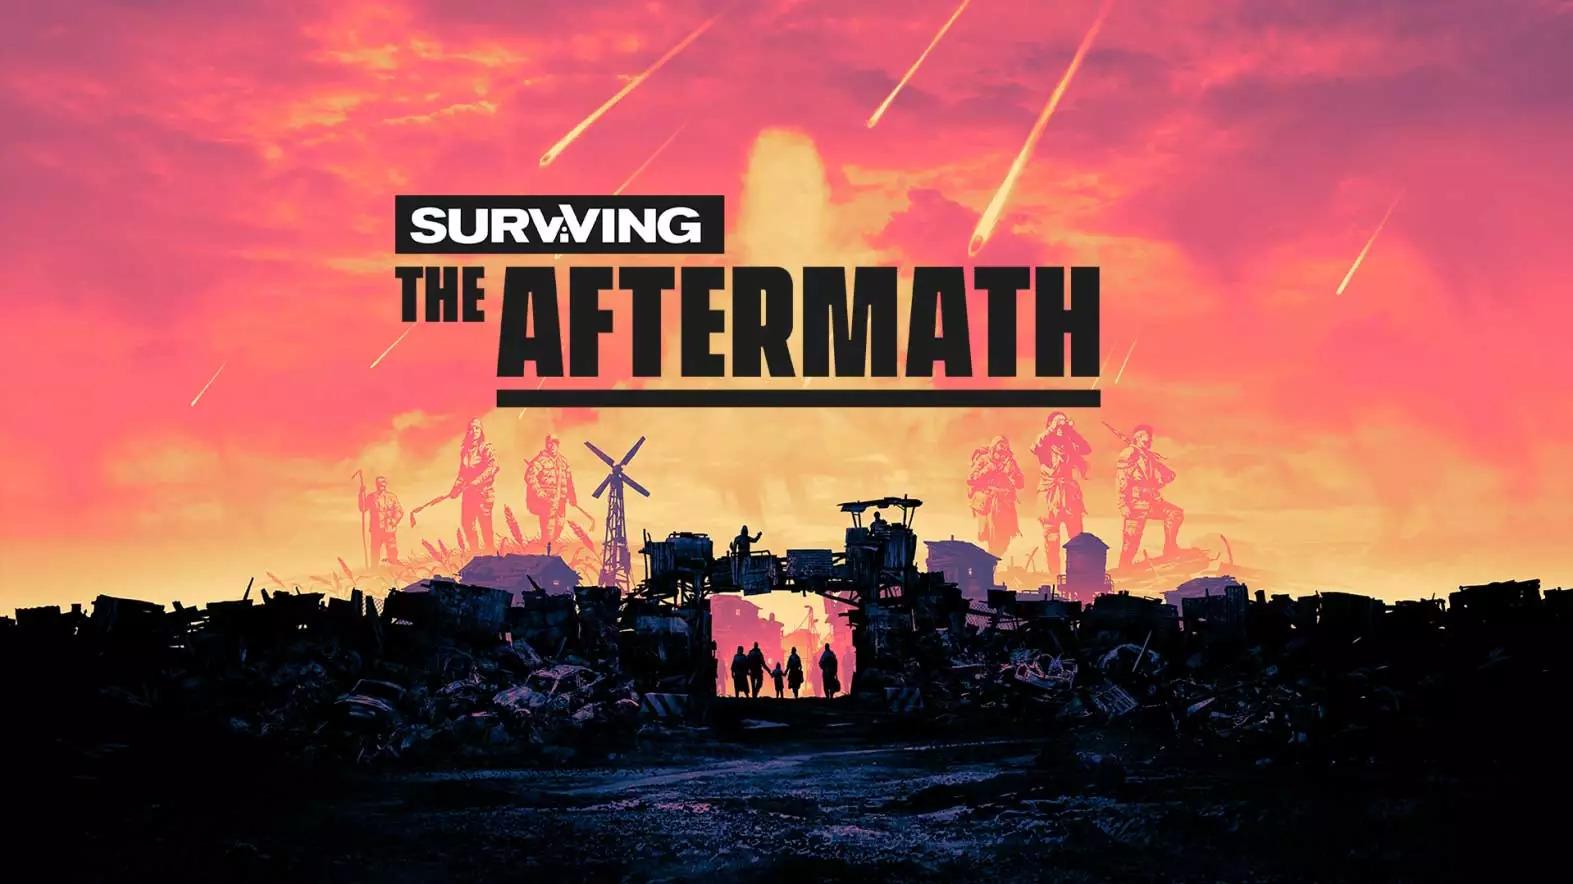 Surviving the Aftermath: Hostile World